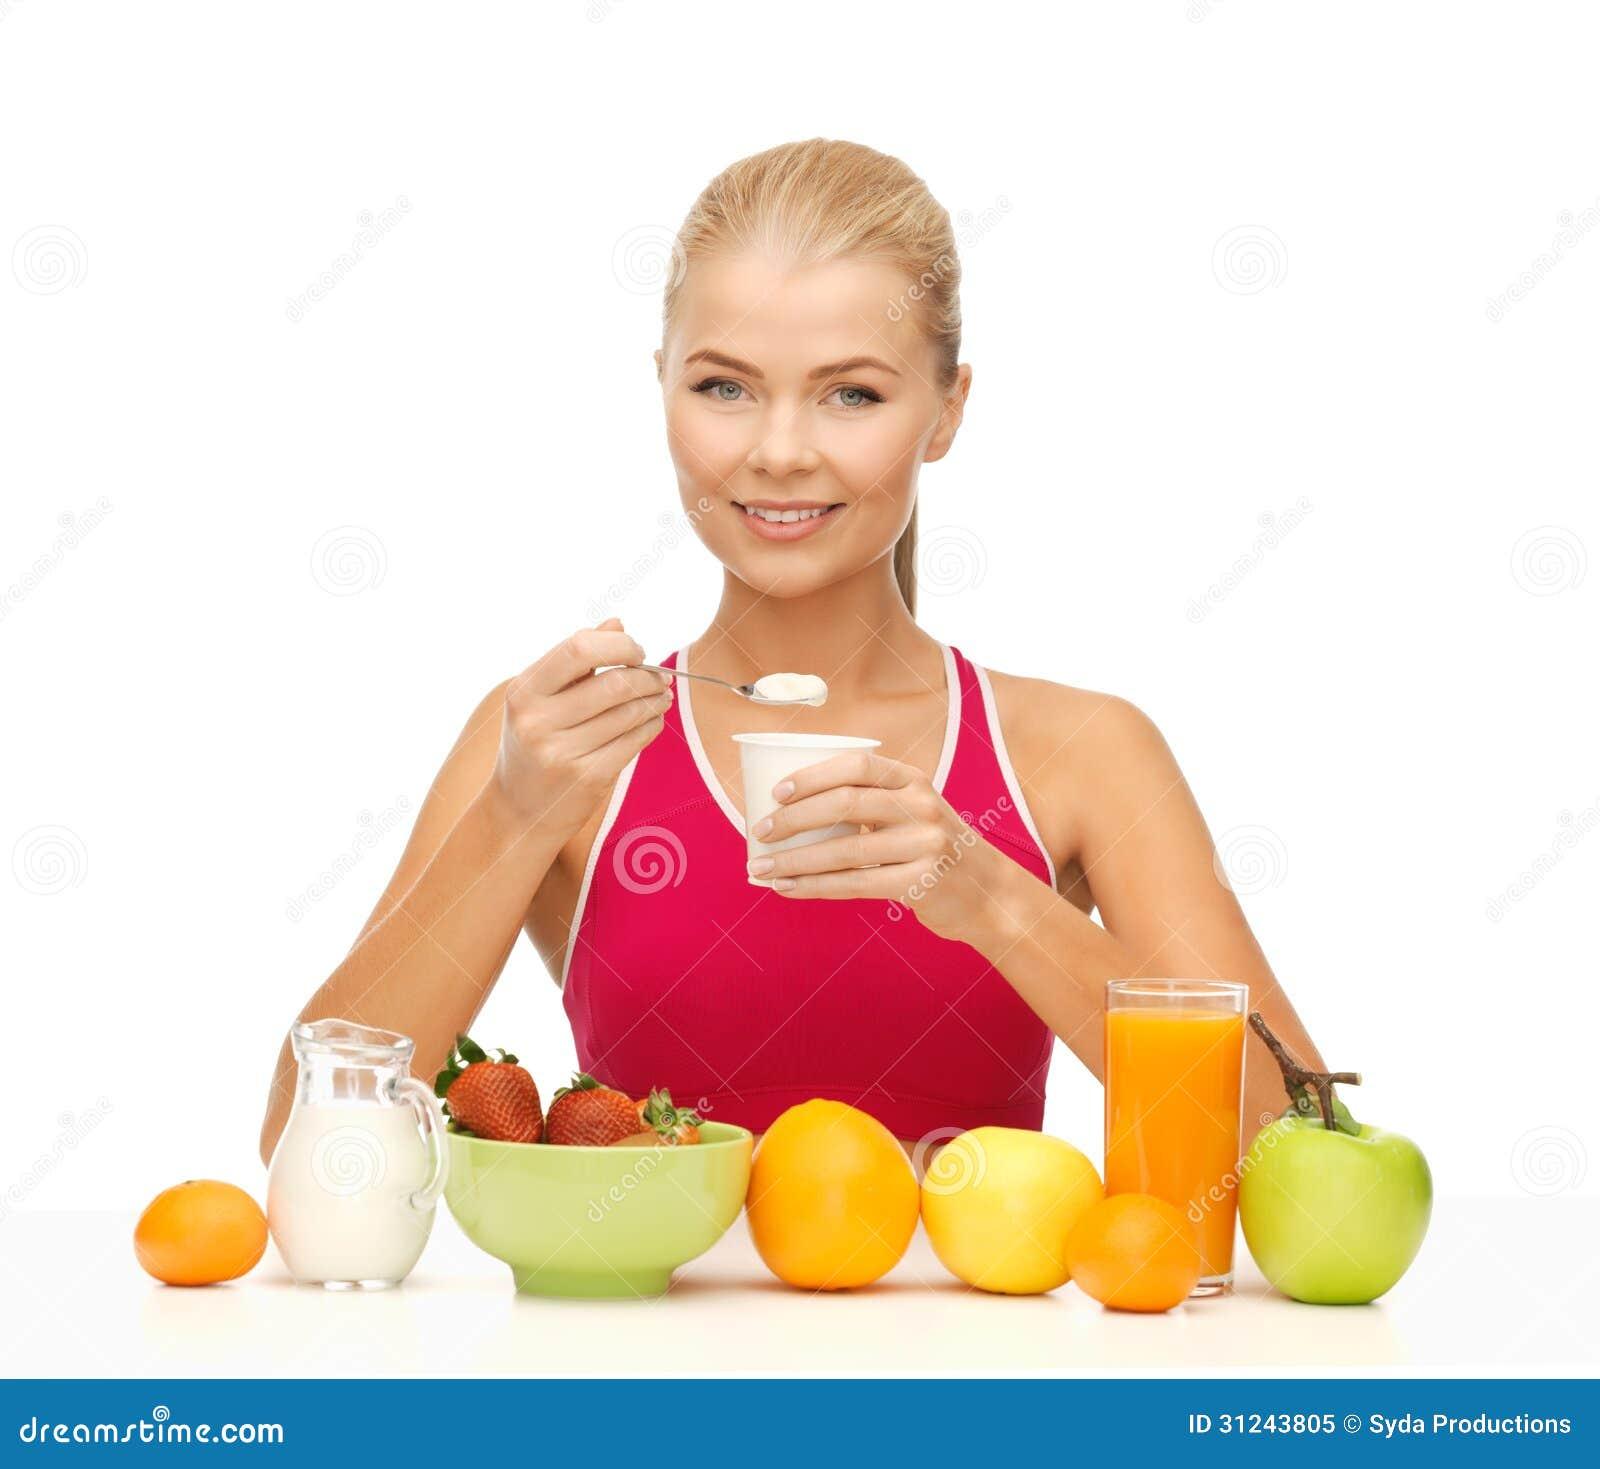 Image result for सेहत के लिए फायदेमंद